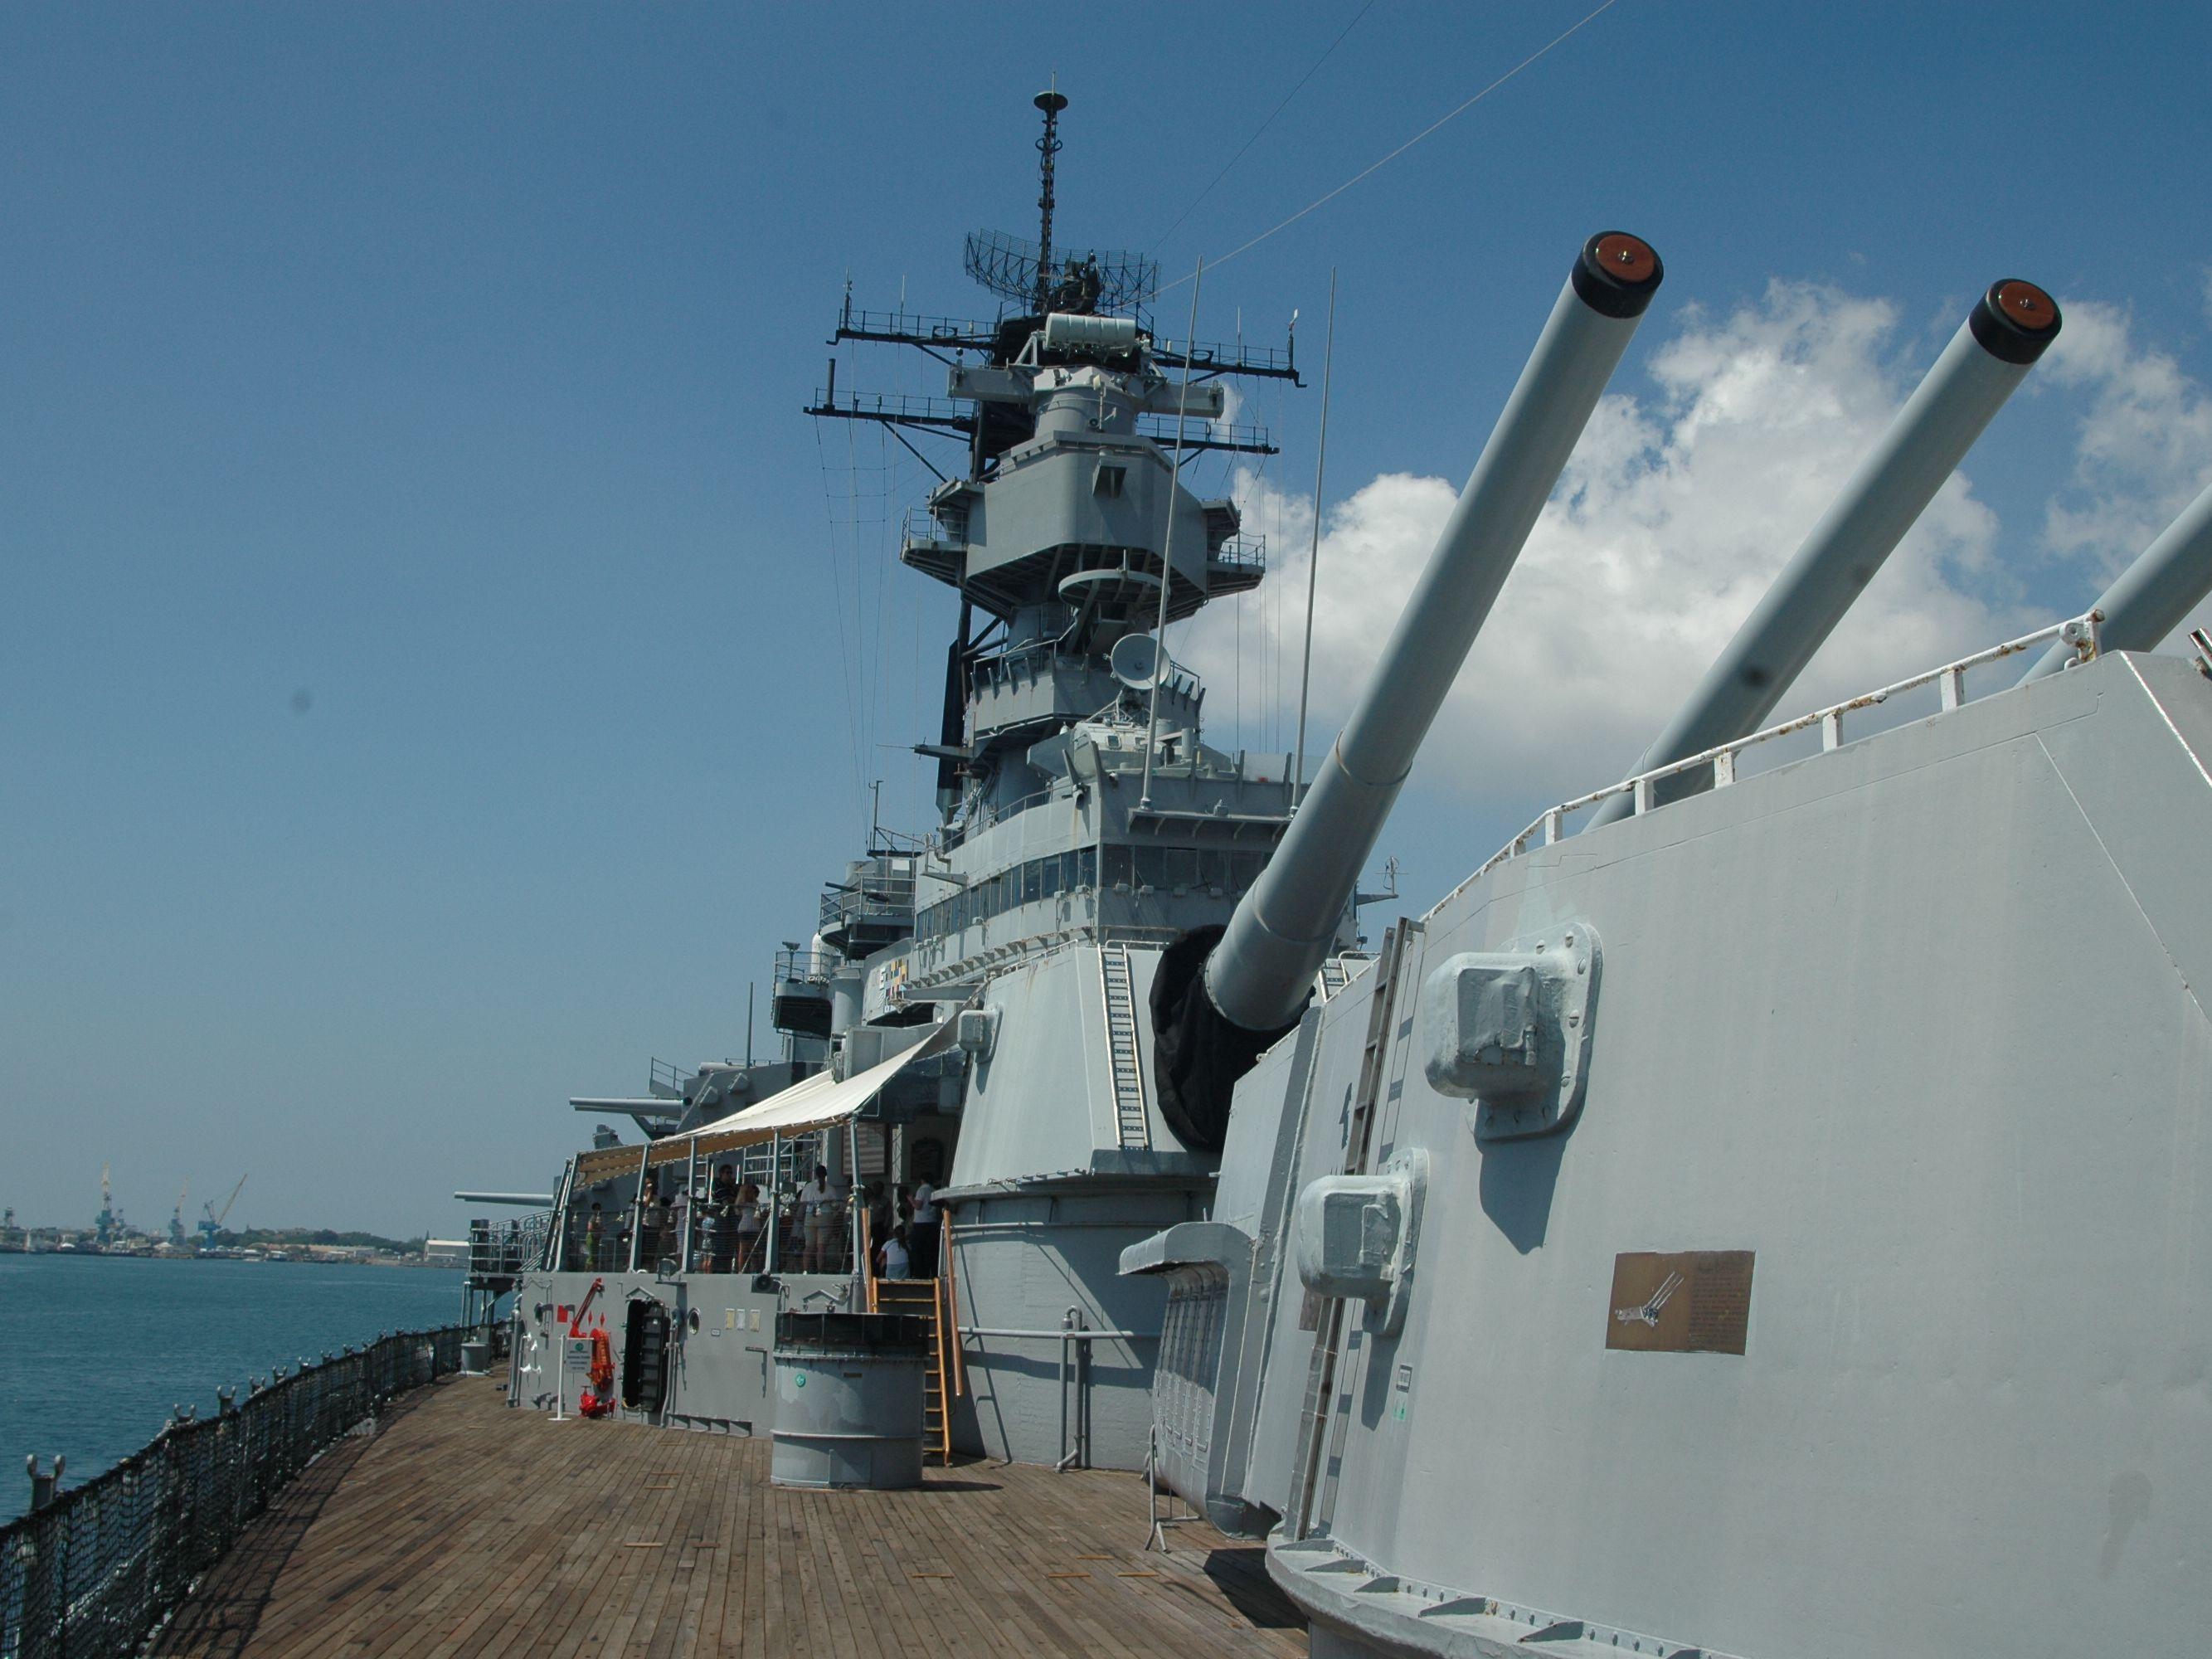 Visiting the Battleship Missouri Memorial, Pearl Harbor